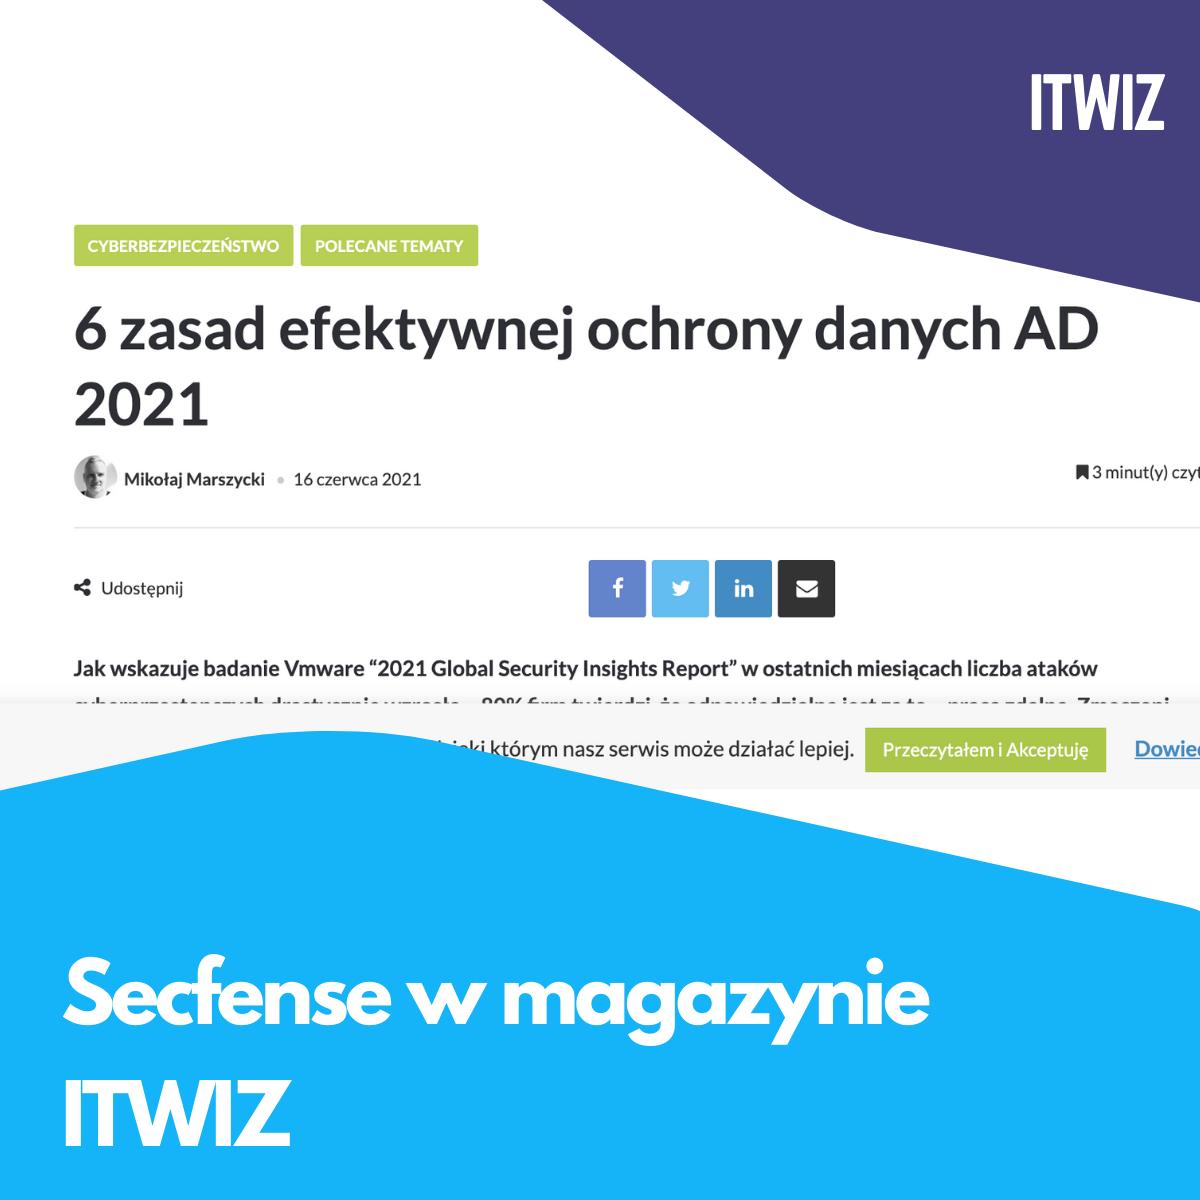 Secfense w magazynie ITWIZ